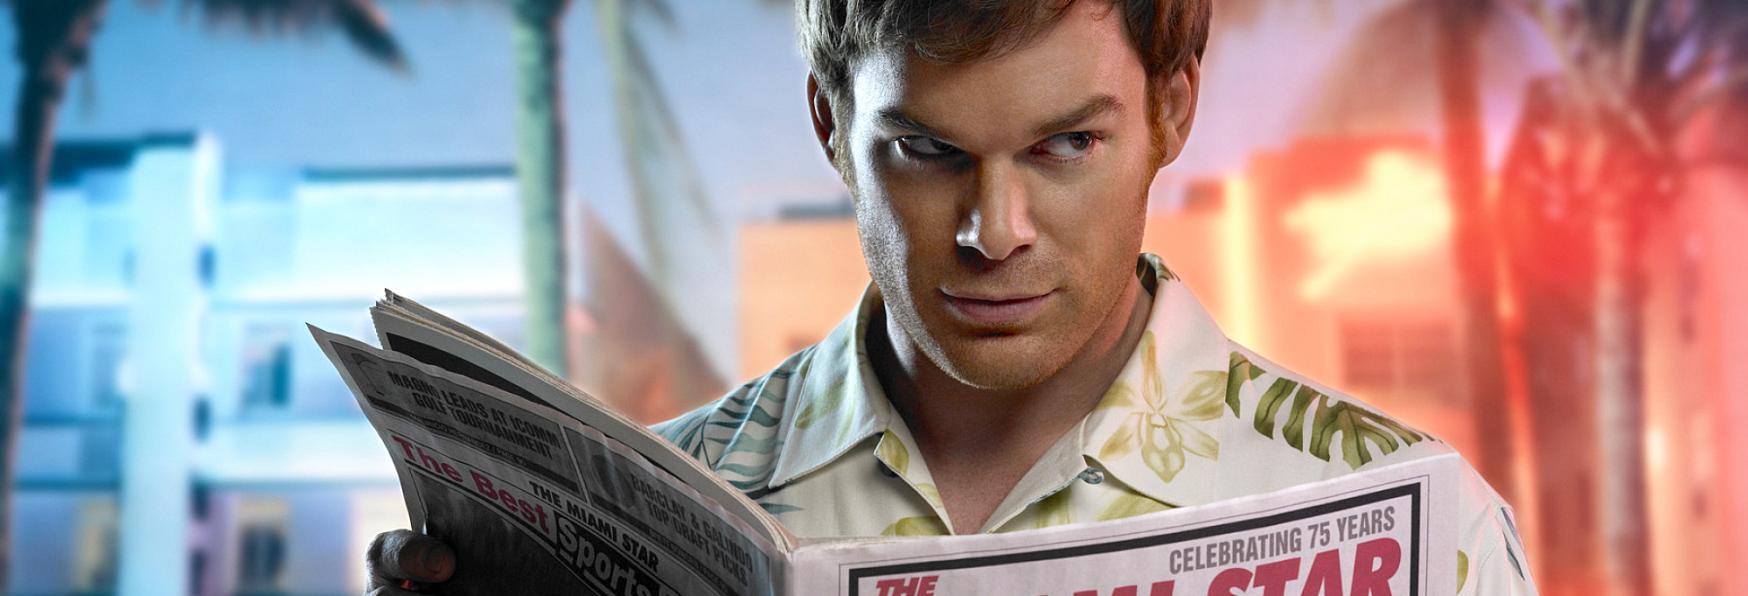 Dexter: un Teaser per il Ritorno della Sanguinosa Serie TV Showtime